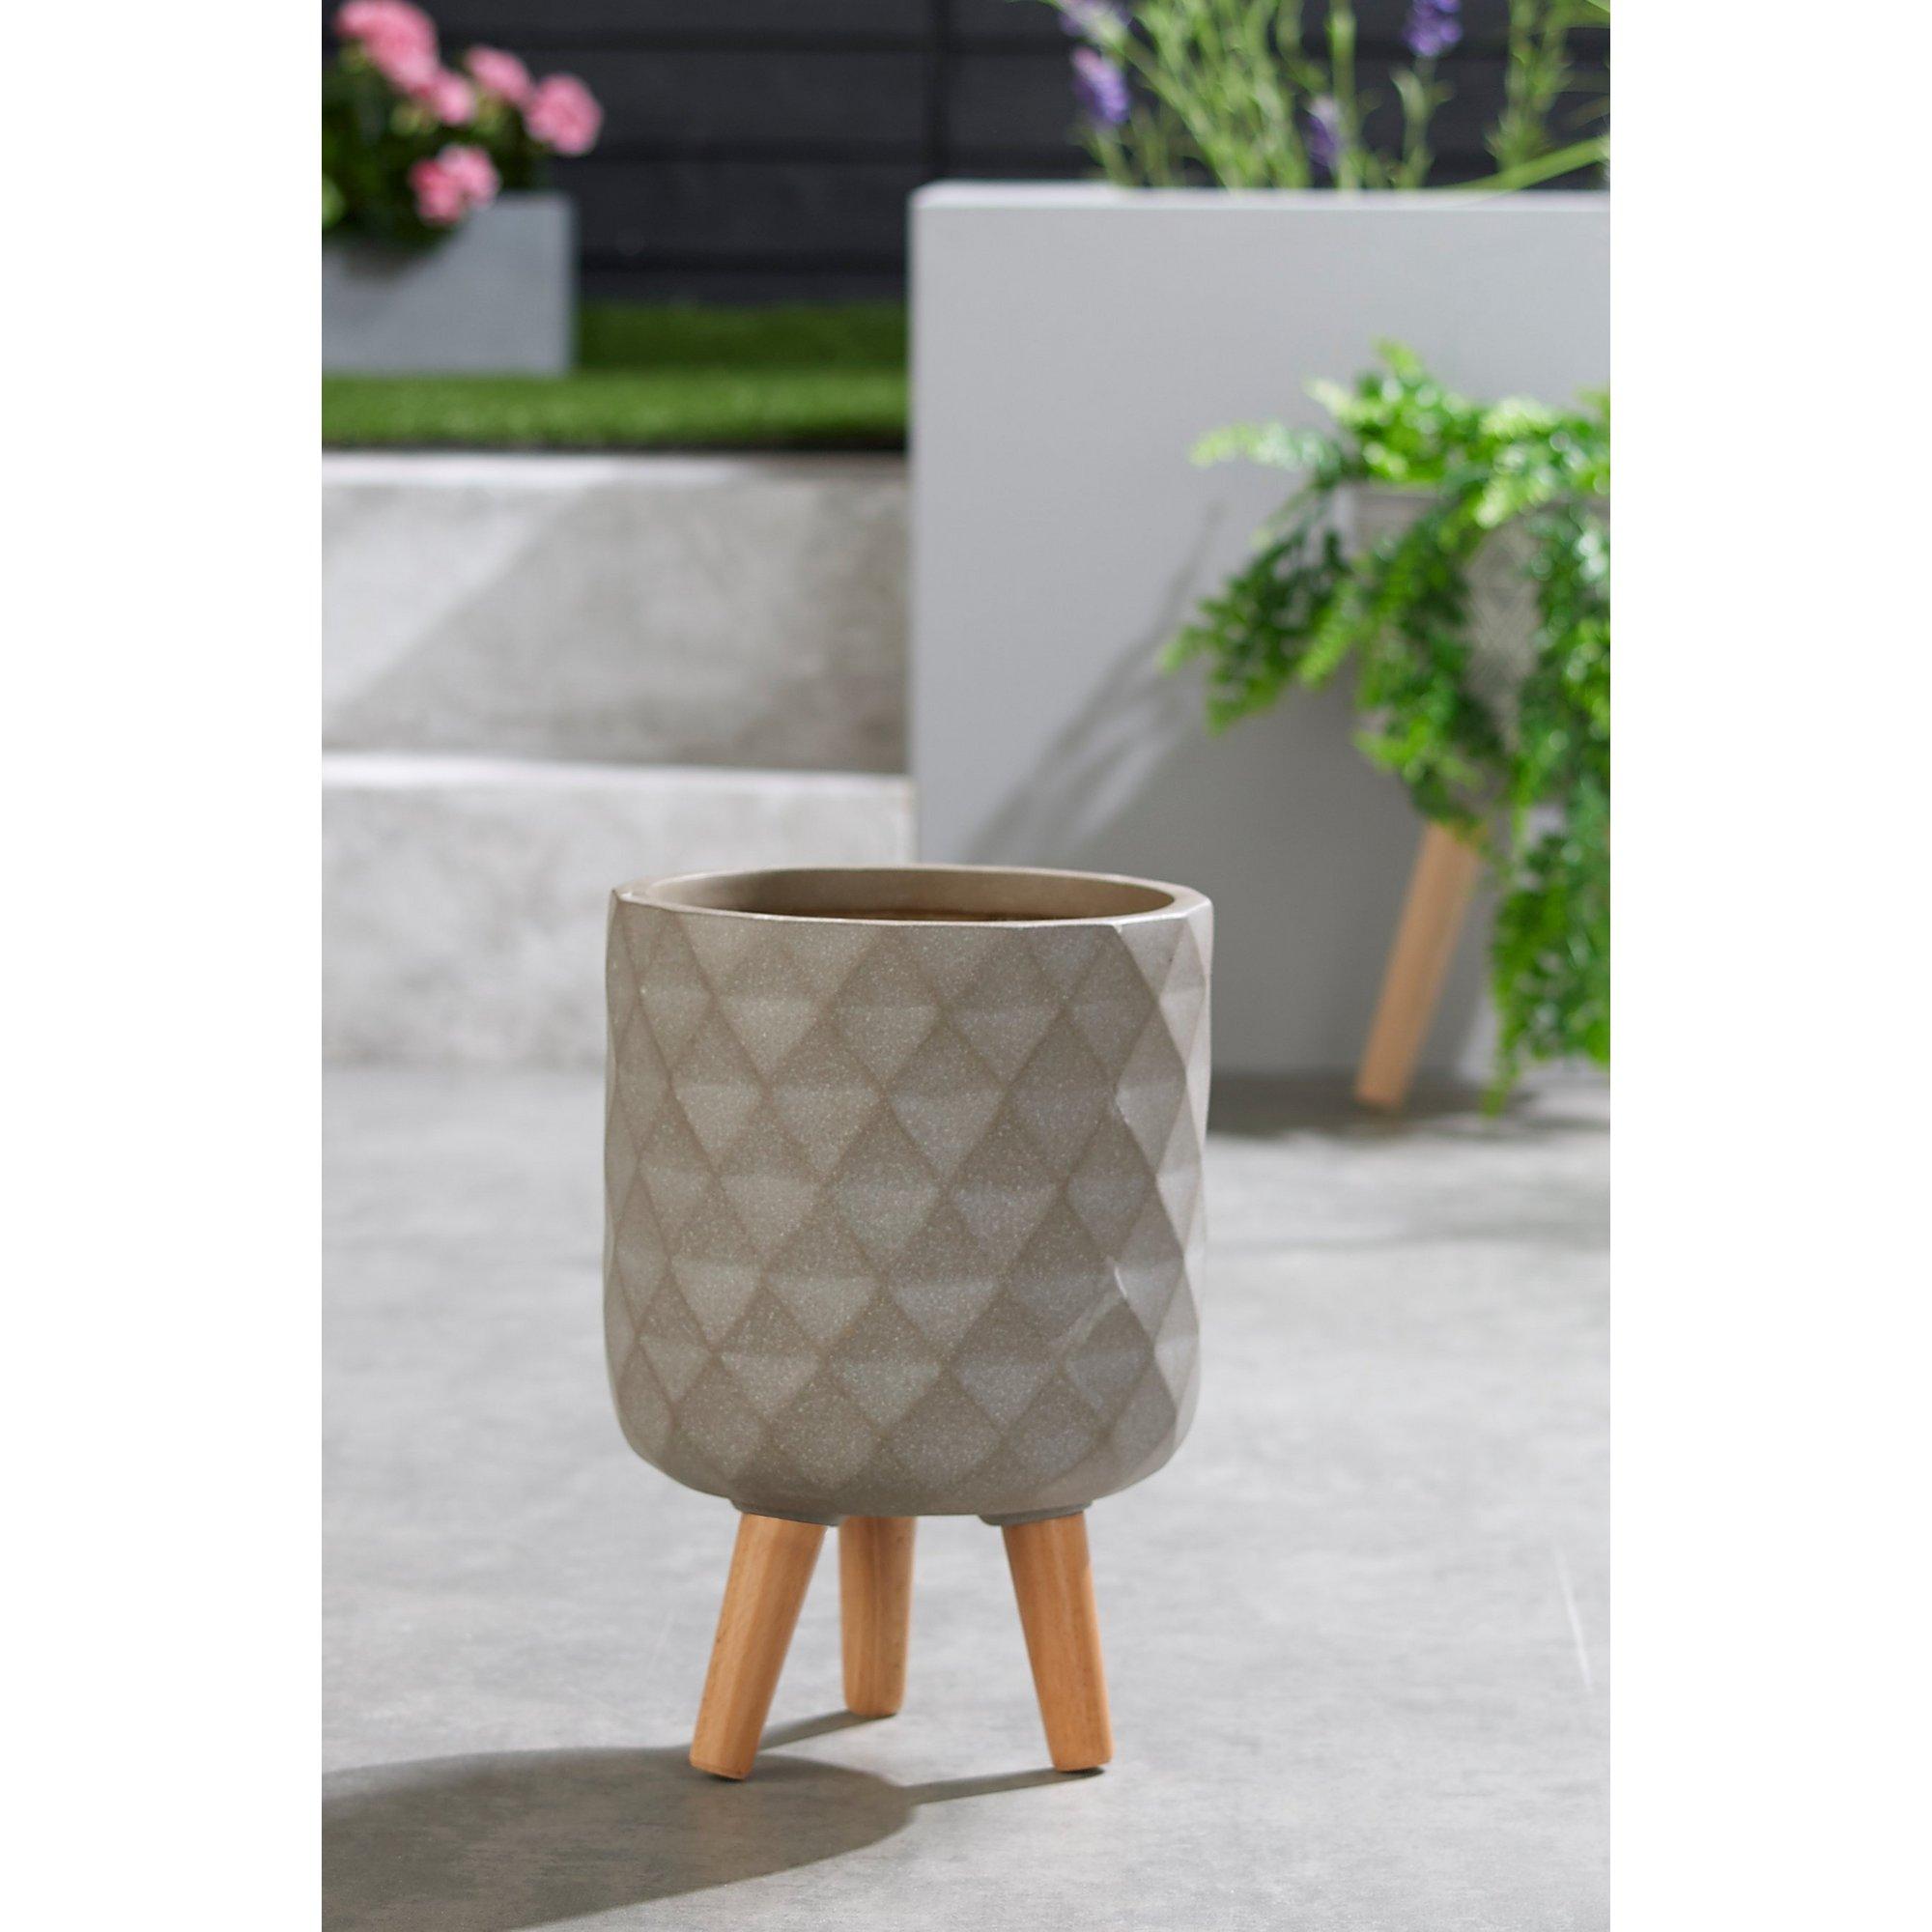 Image of Diamond Wood Leg Small Pot